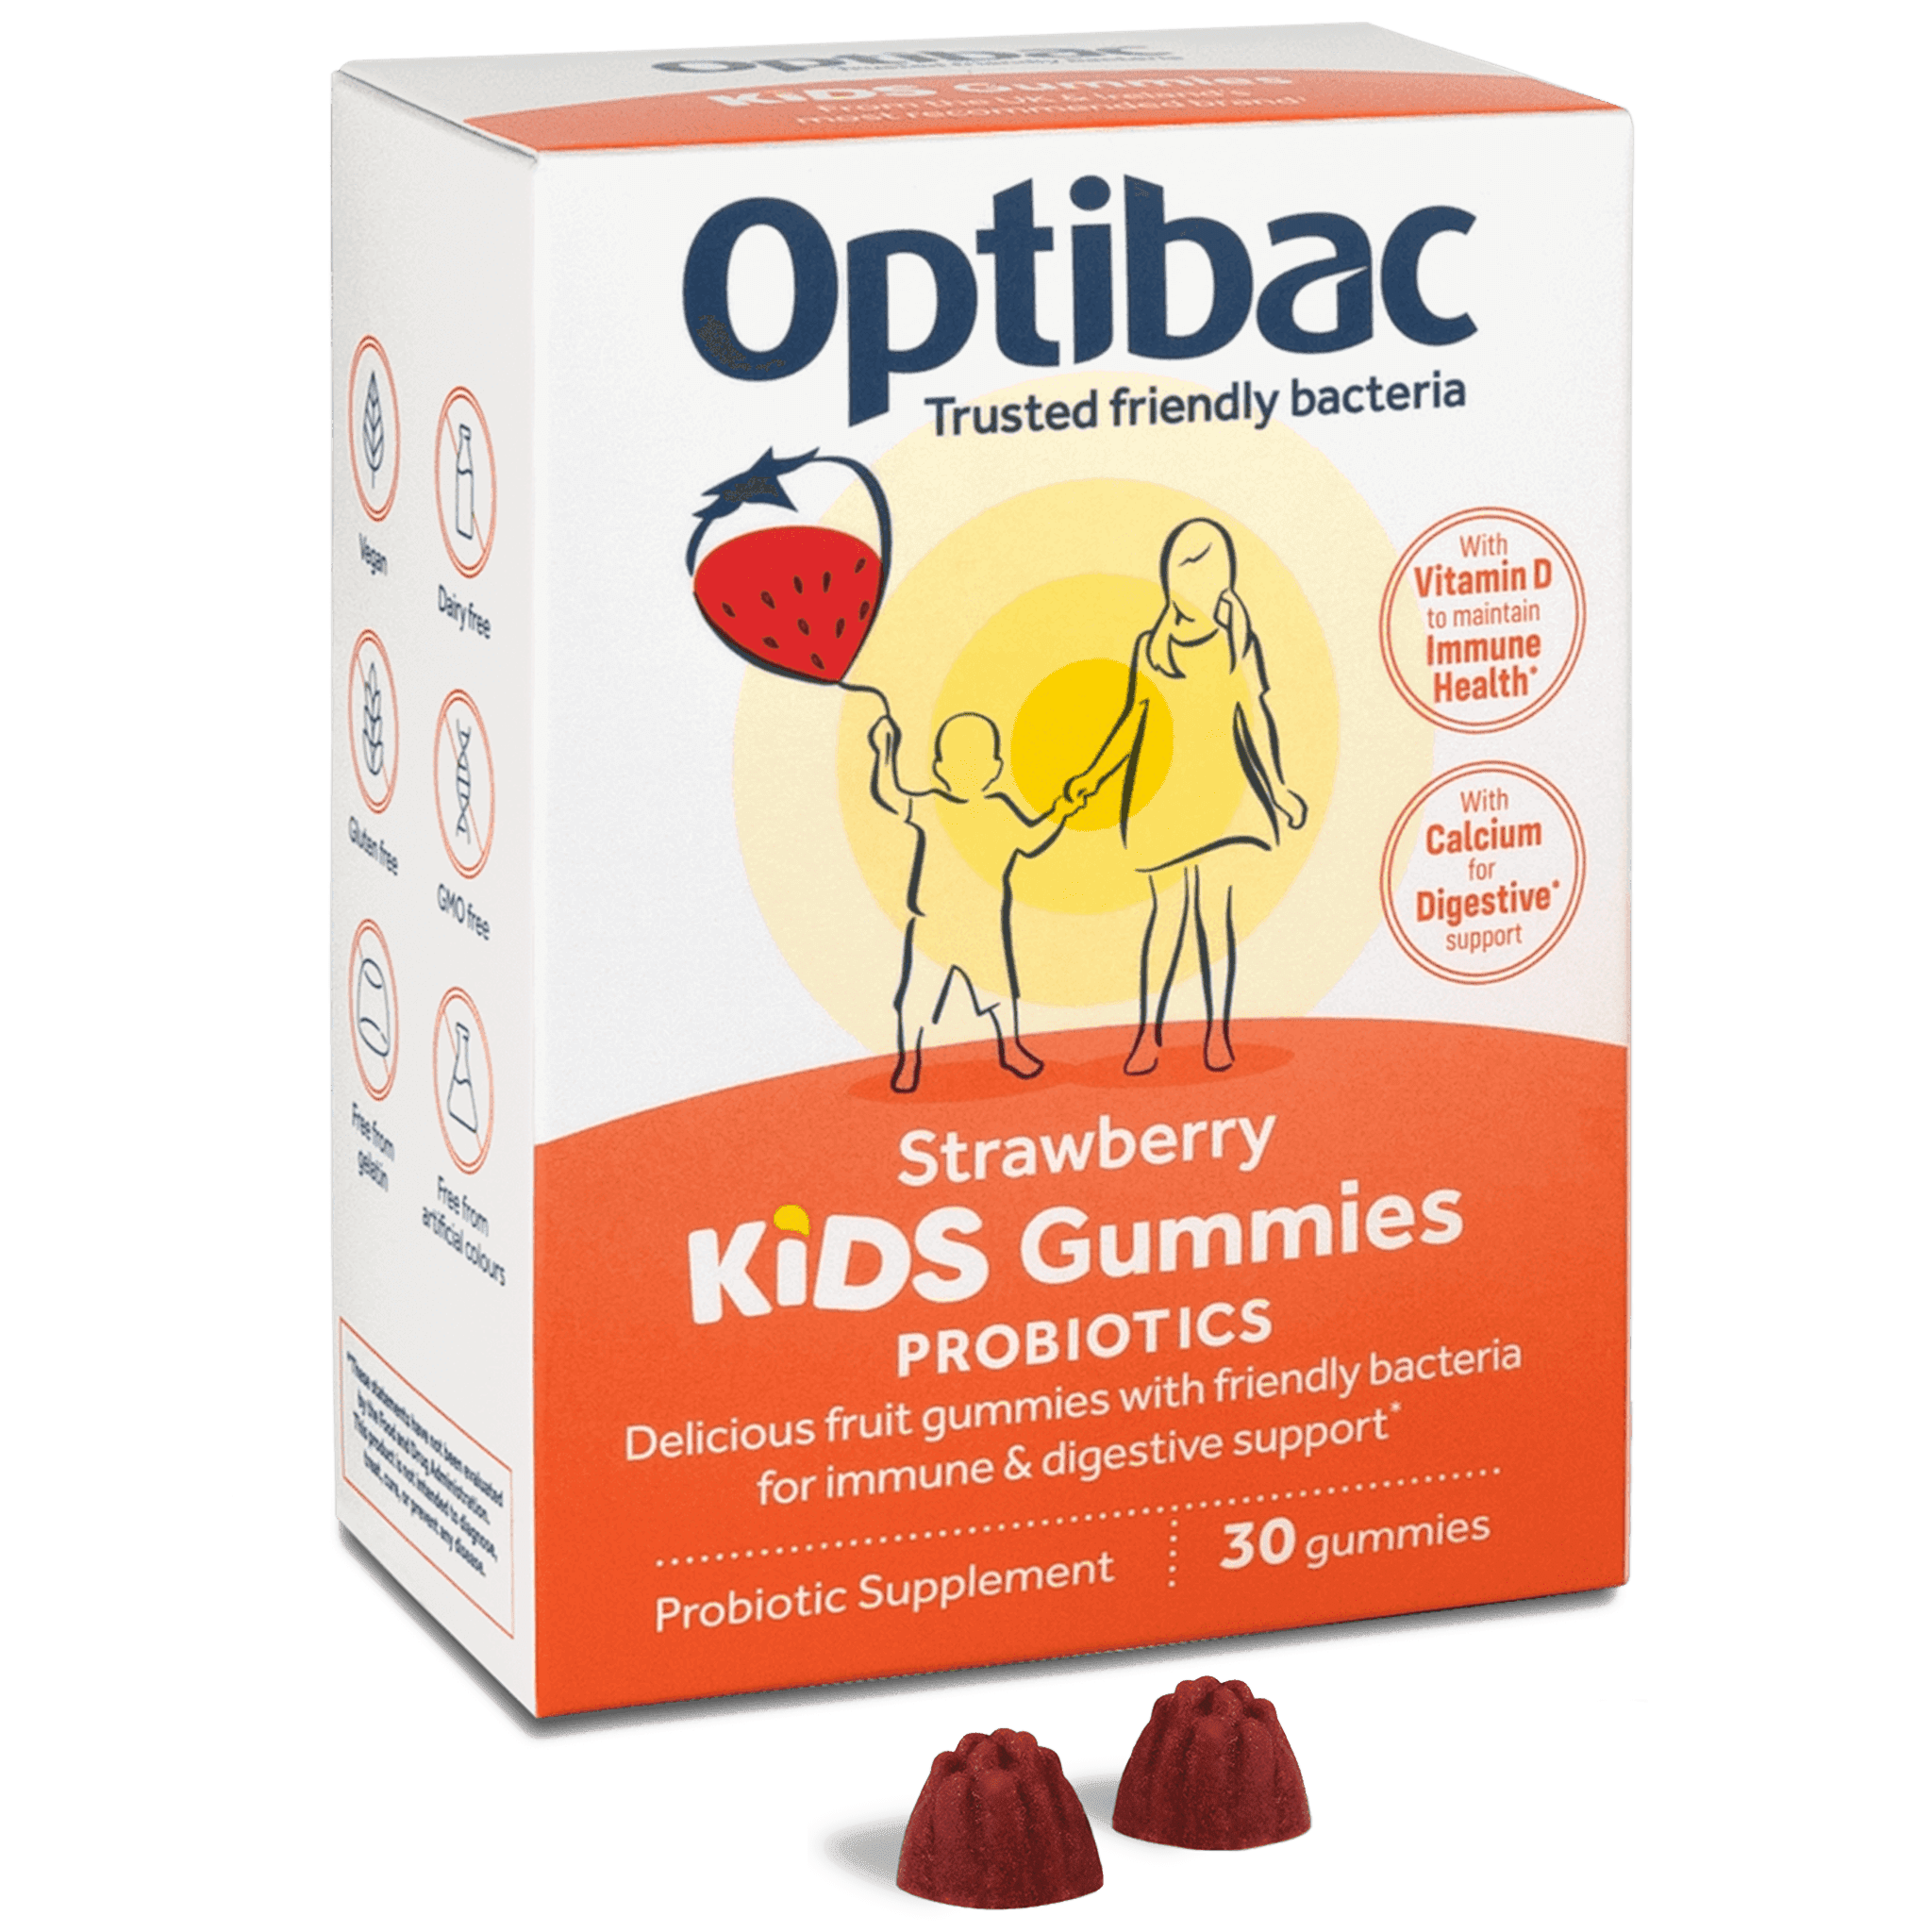 Optibac Probiotics | Kids Gummies | gummies | 30 gummies